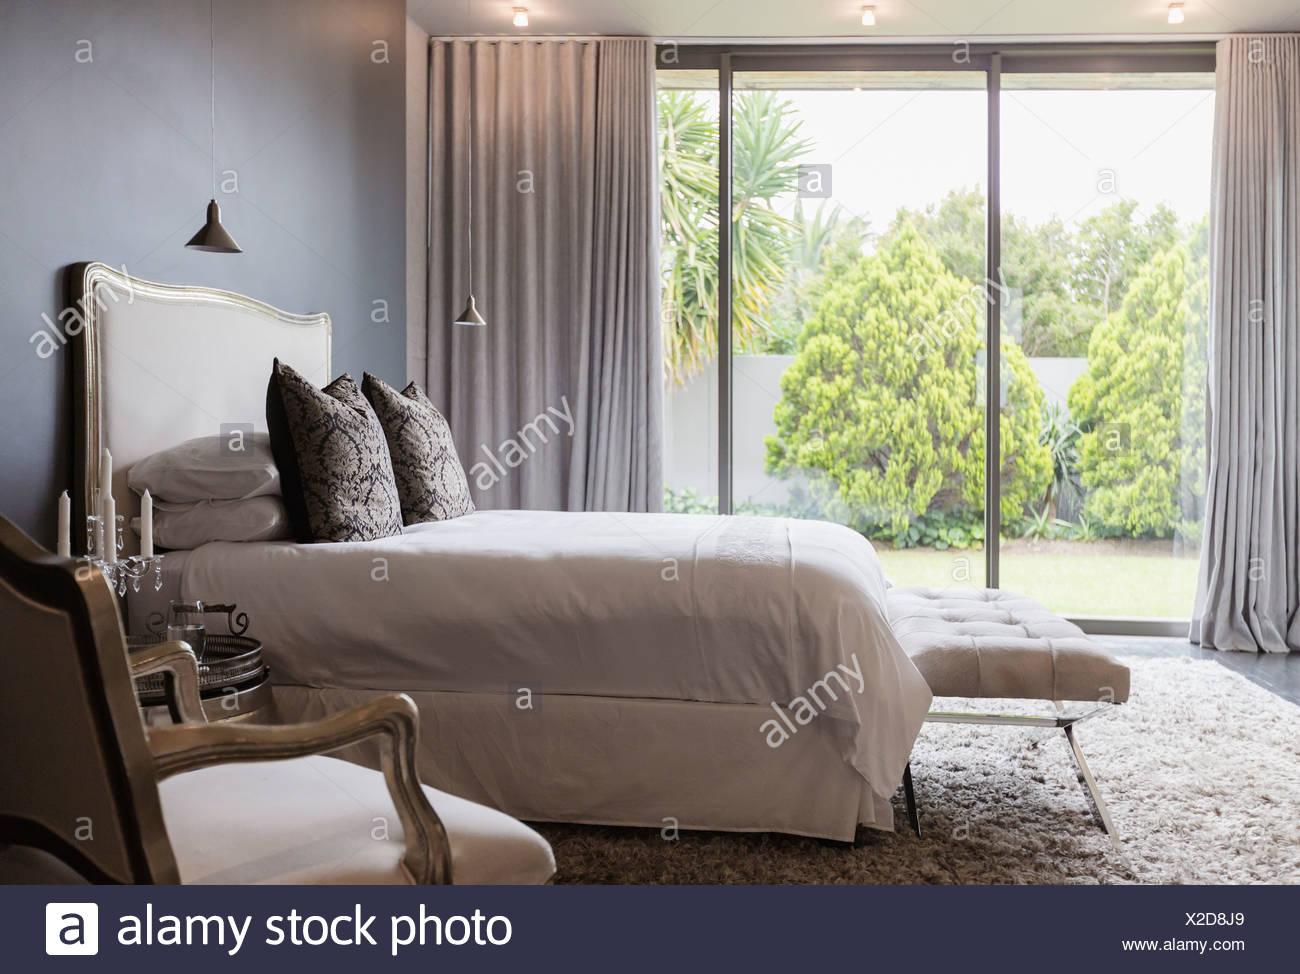 Luxury bedroom overlooking backyard - Stock Image